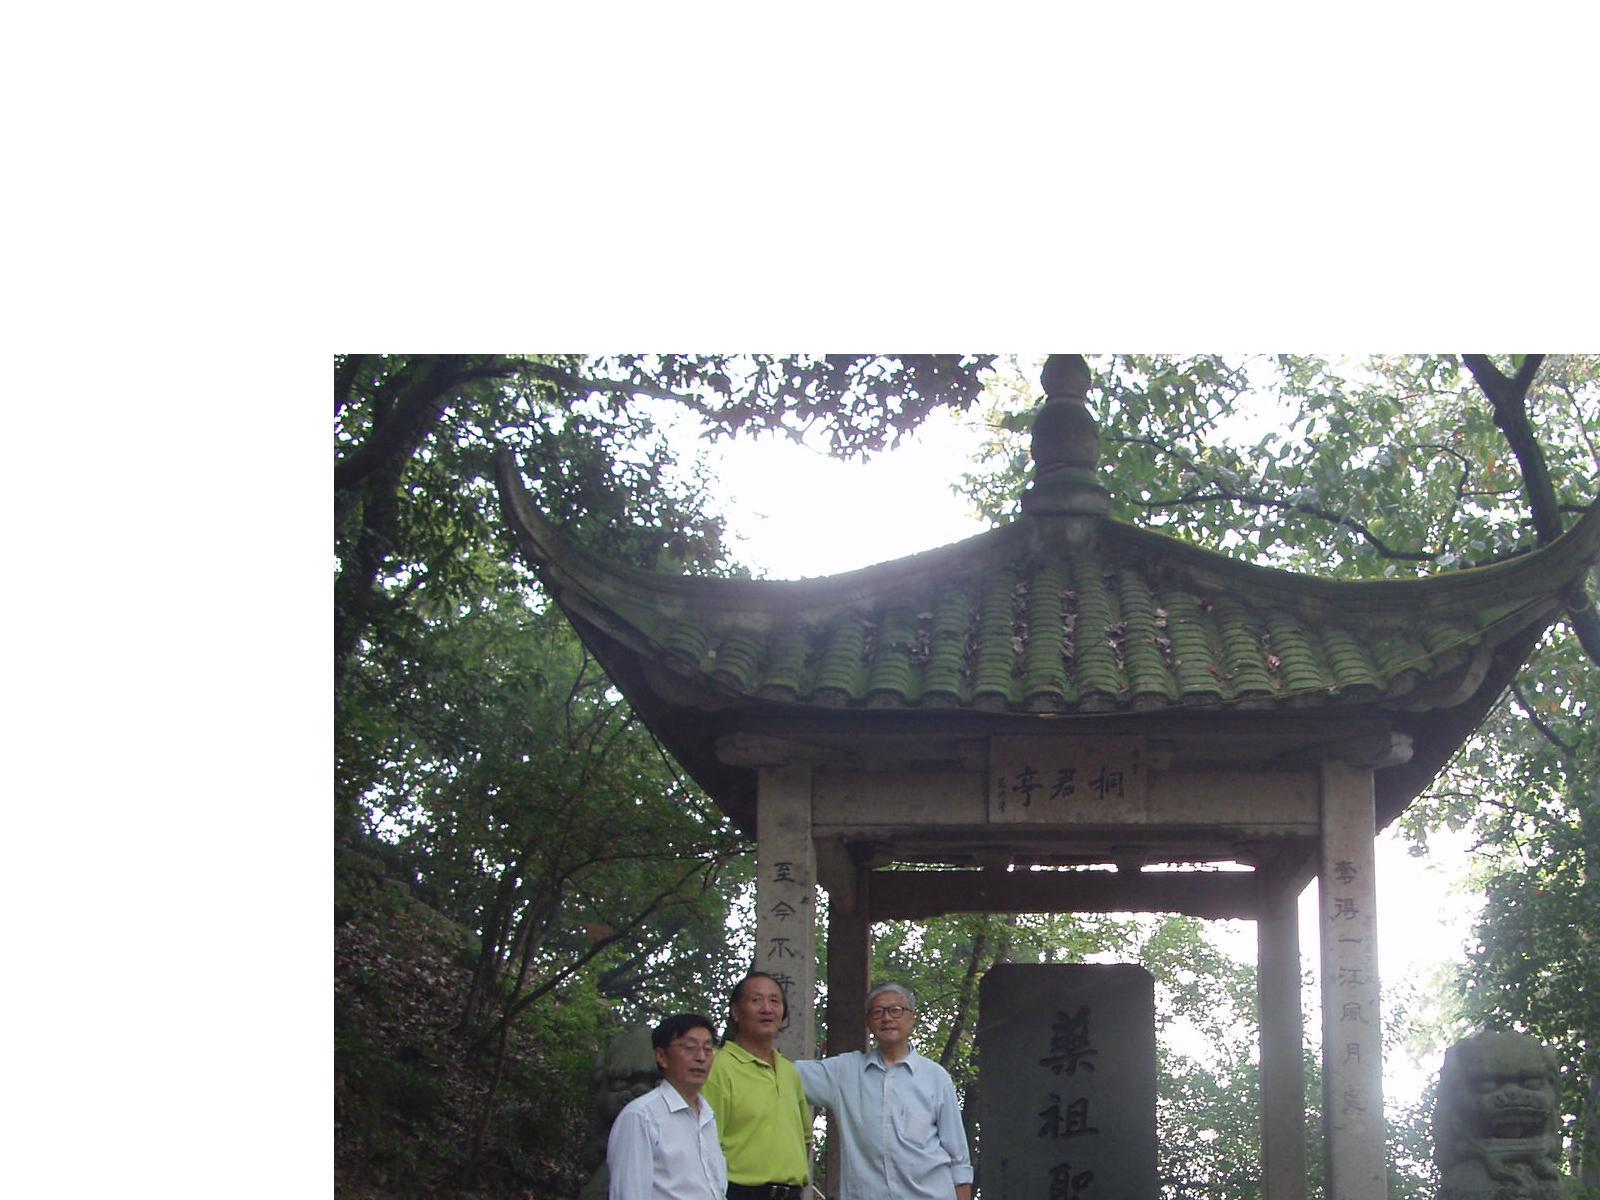 【乐天谷纪事】祝贺陈先生成功愉快的旅游会友! - 乐天蓝鹰 - 乐天蓝鹰的博客